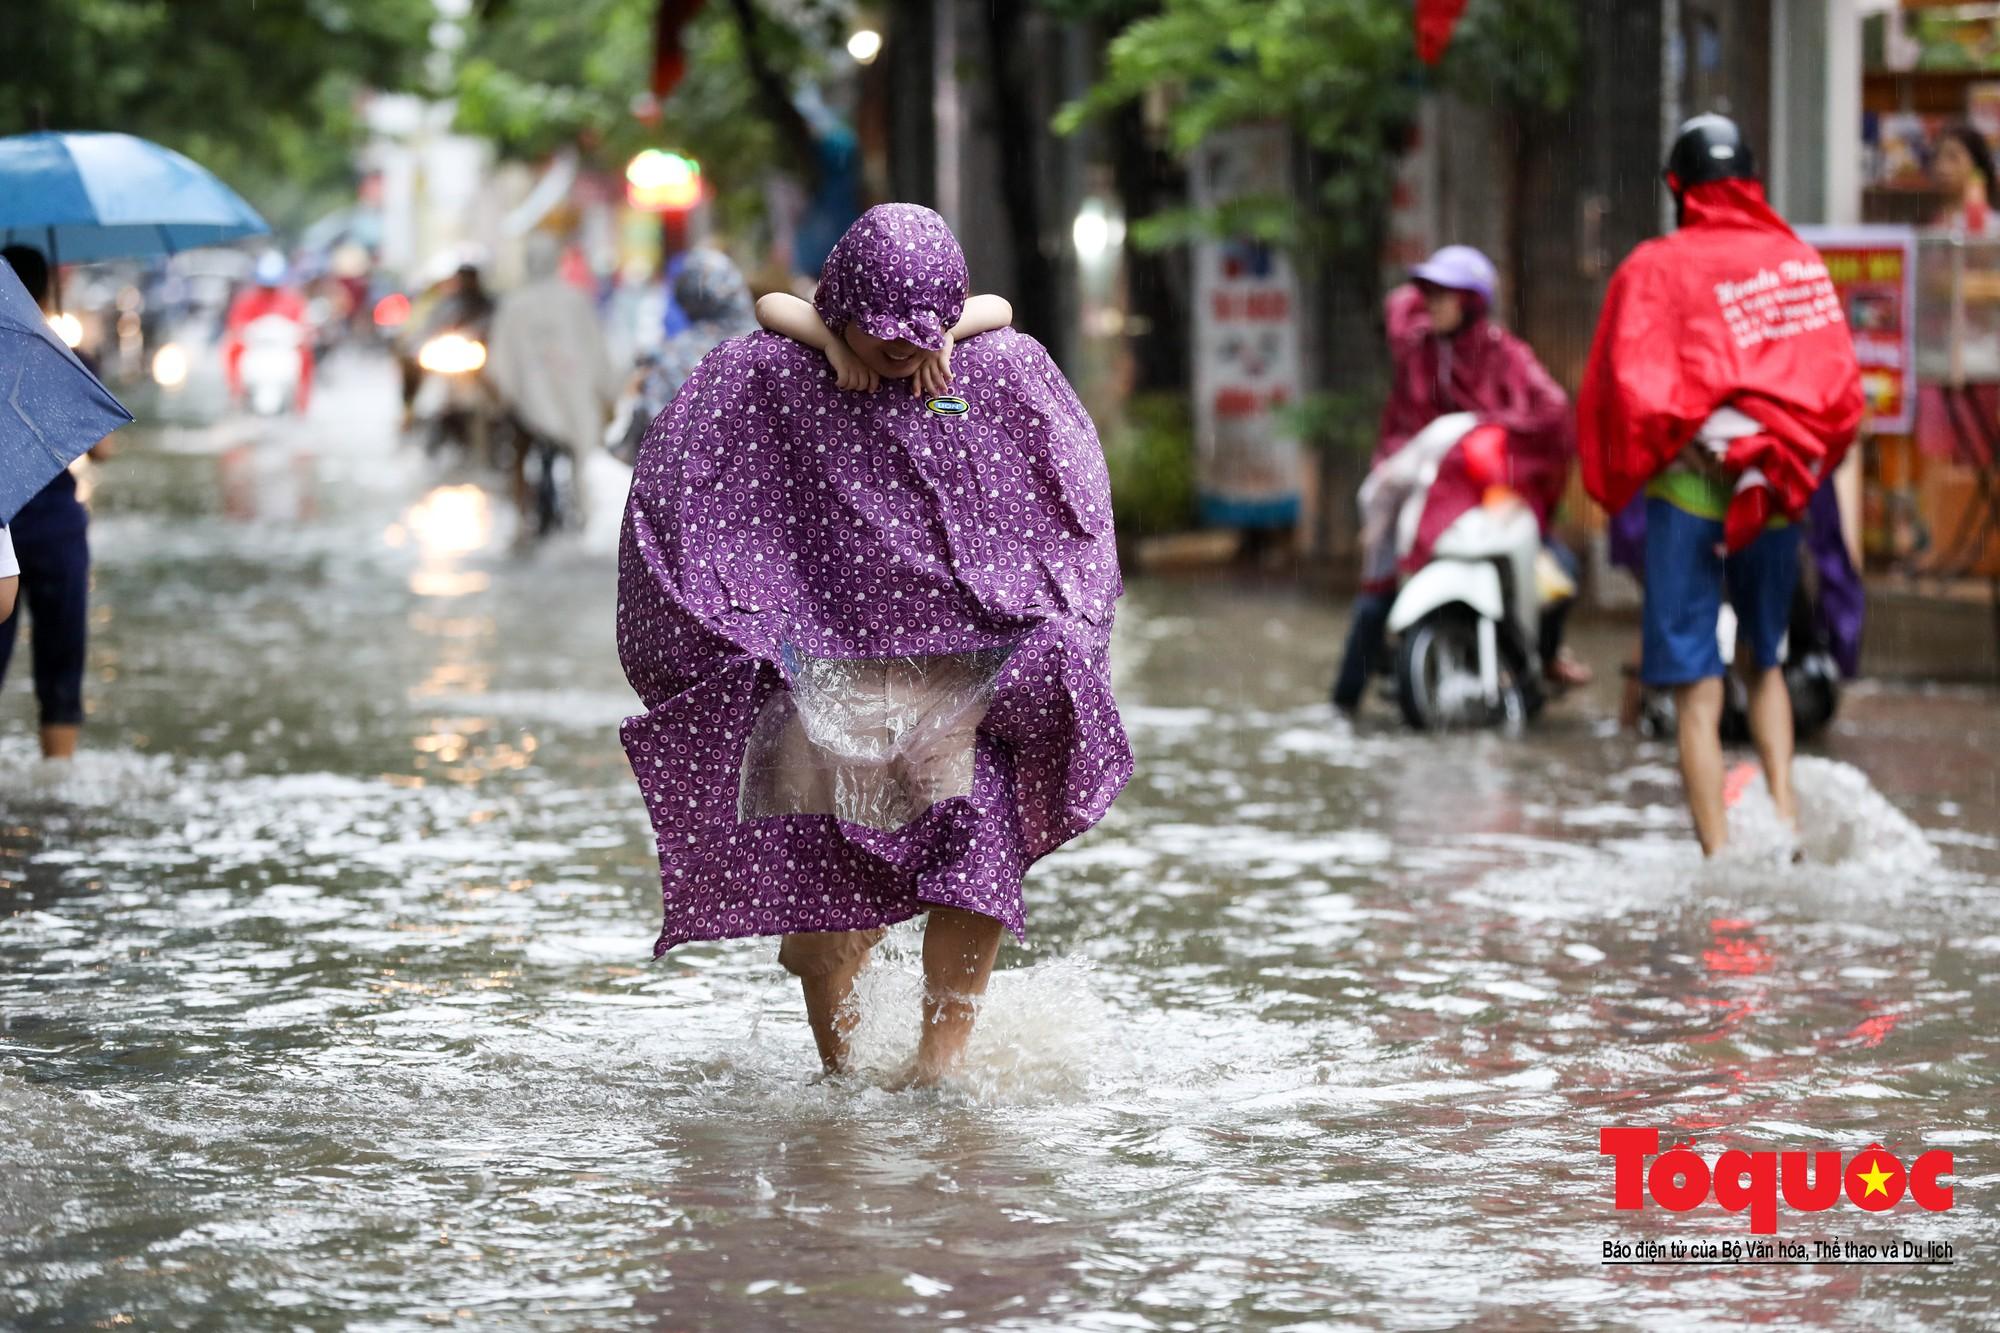 Hình ảnh xưa nay hiếm ở Thủ đô Hà Nội  cha mẹ cõng con vượt sông trong phố đến trường7